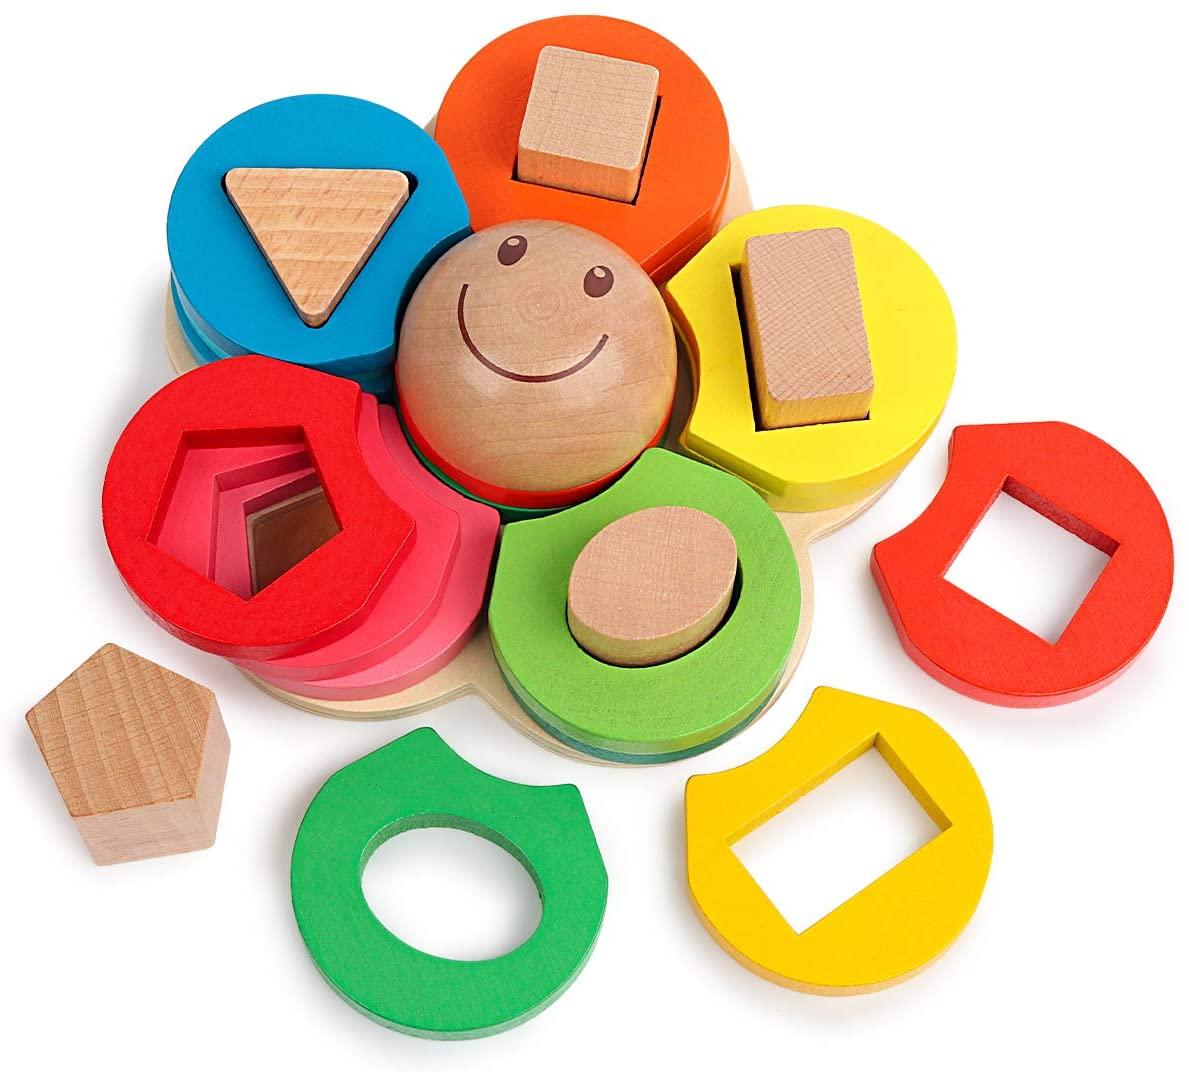 Holz Pädagogisches Spielzeug für Kleinkinder Vorschule Form Farbe Sortierung Stapeln Geometrische Bord Blöcke Puzzle Montessori Spielzeug